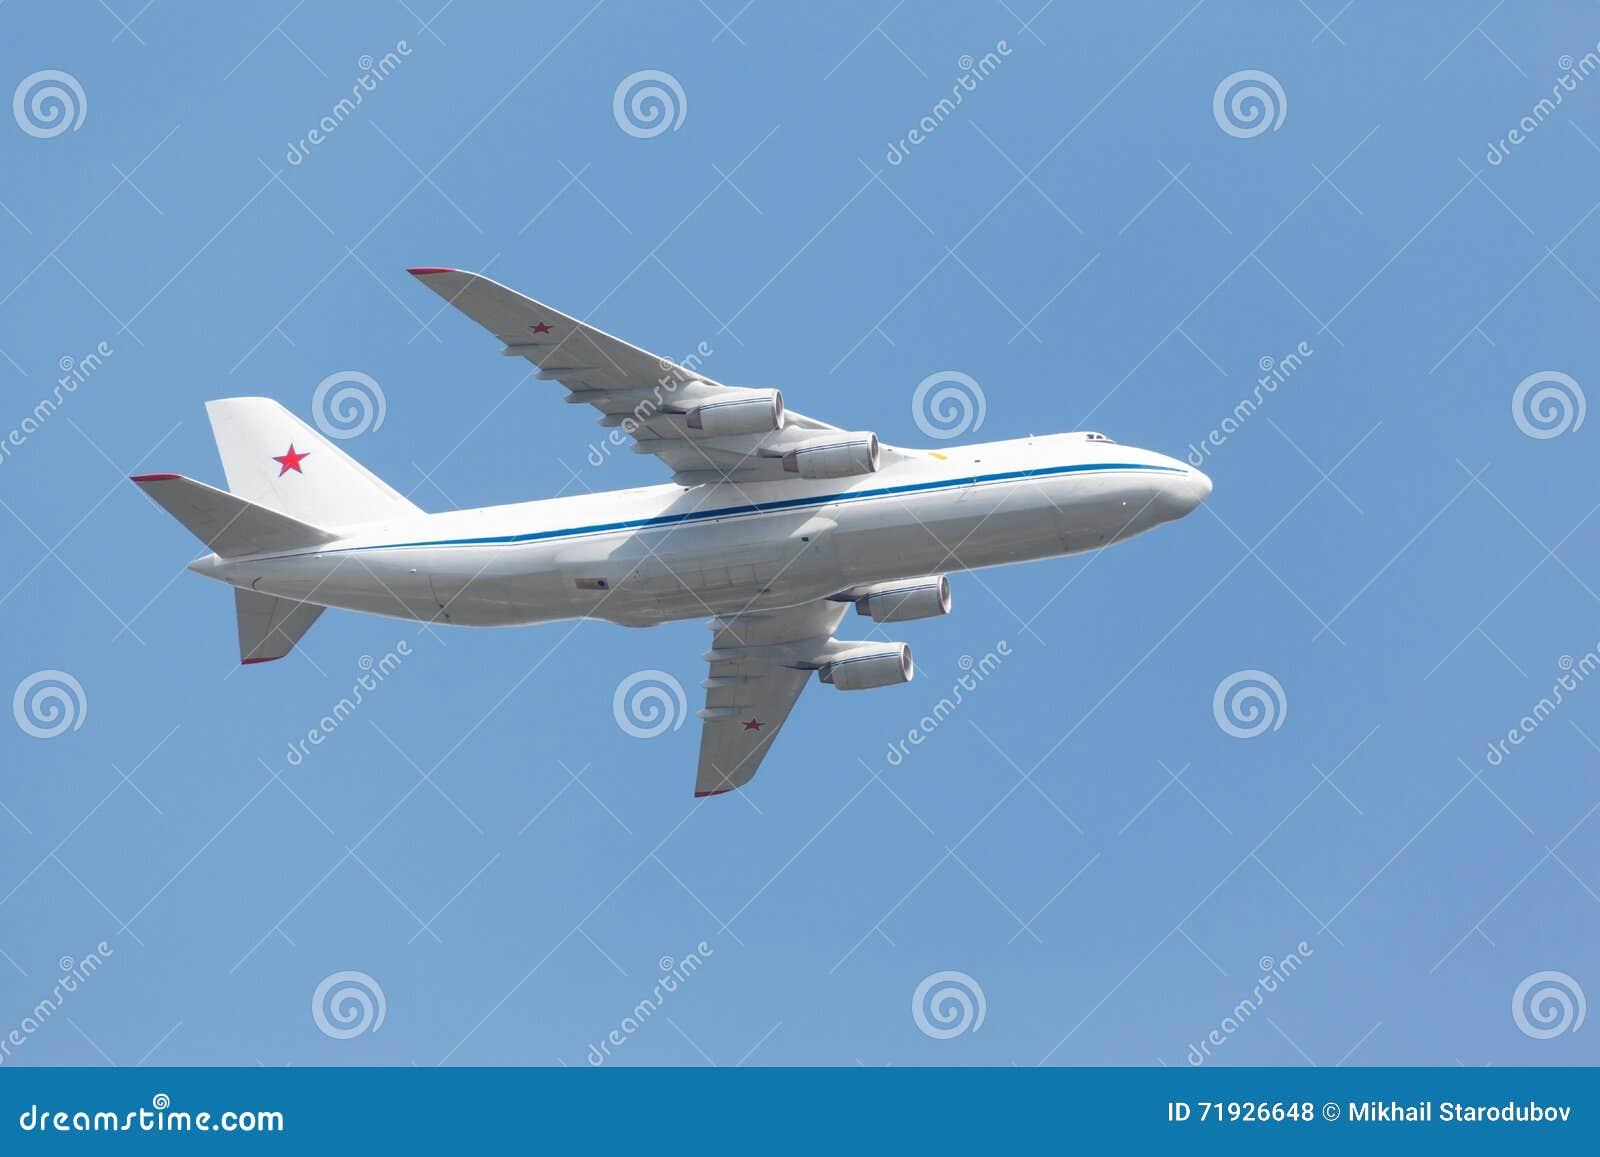 Тяжелое воздушное судно перехода принимает